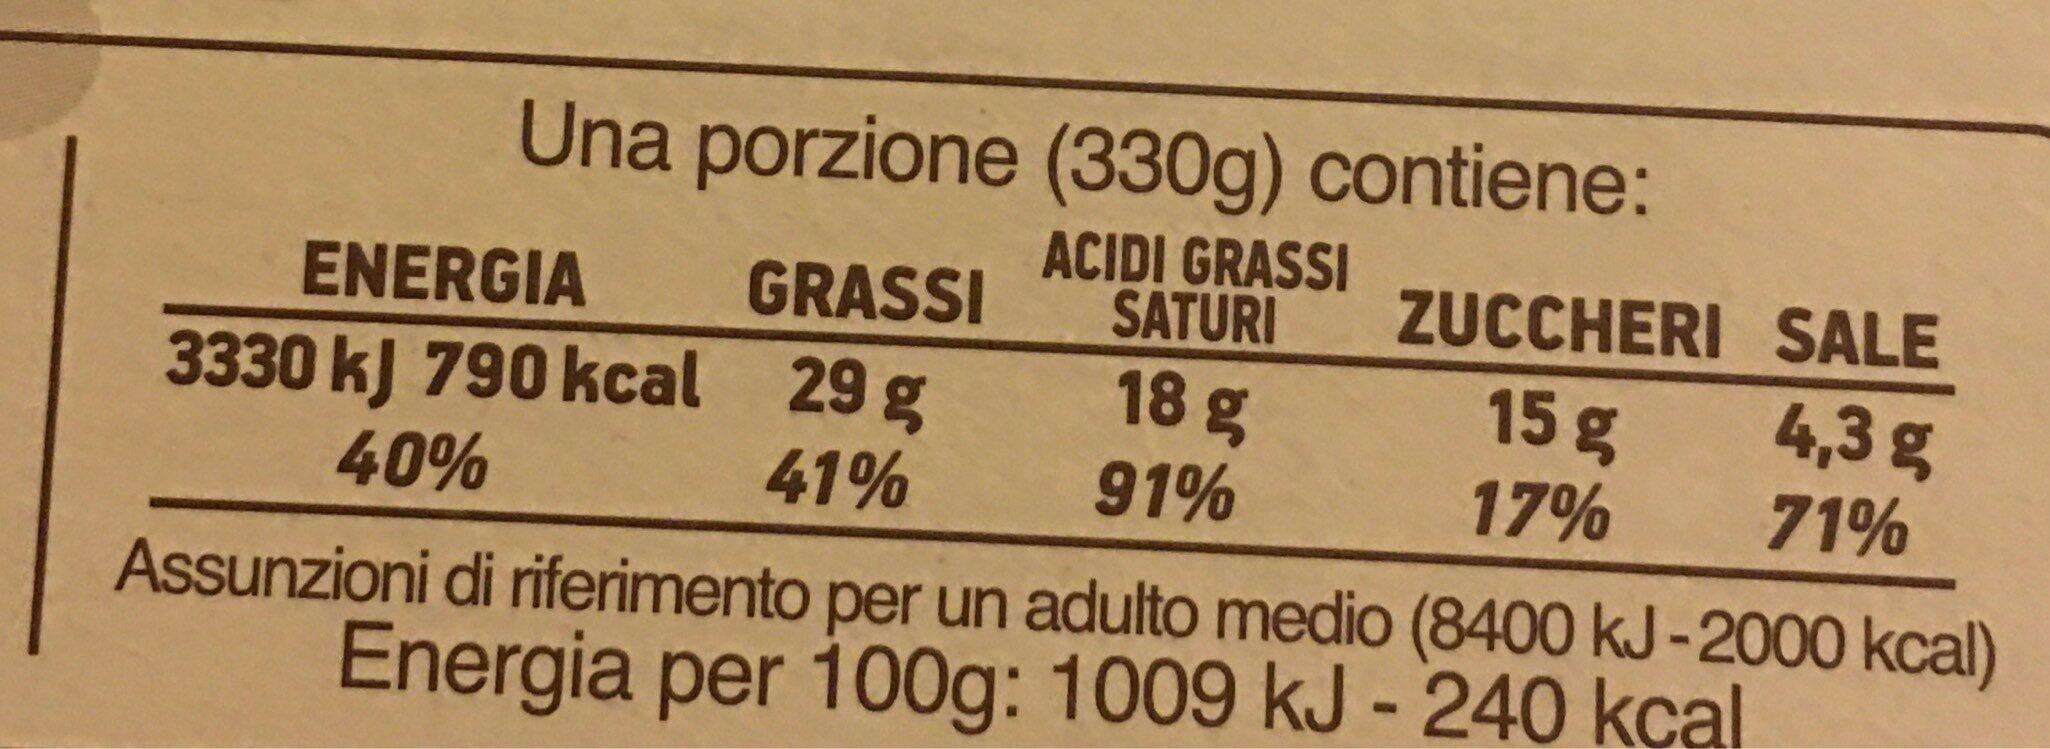 Pizze margherita con mozzarella - Nutrition facts